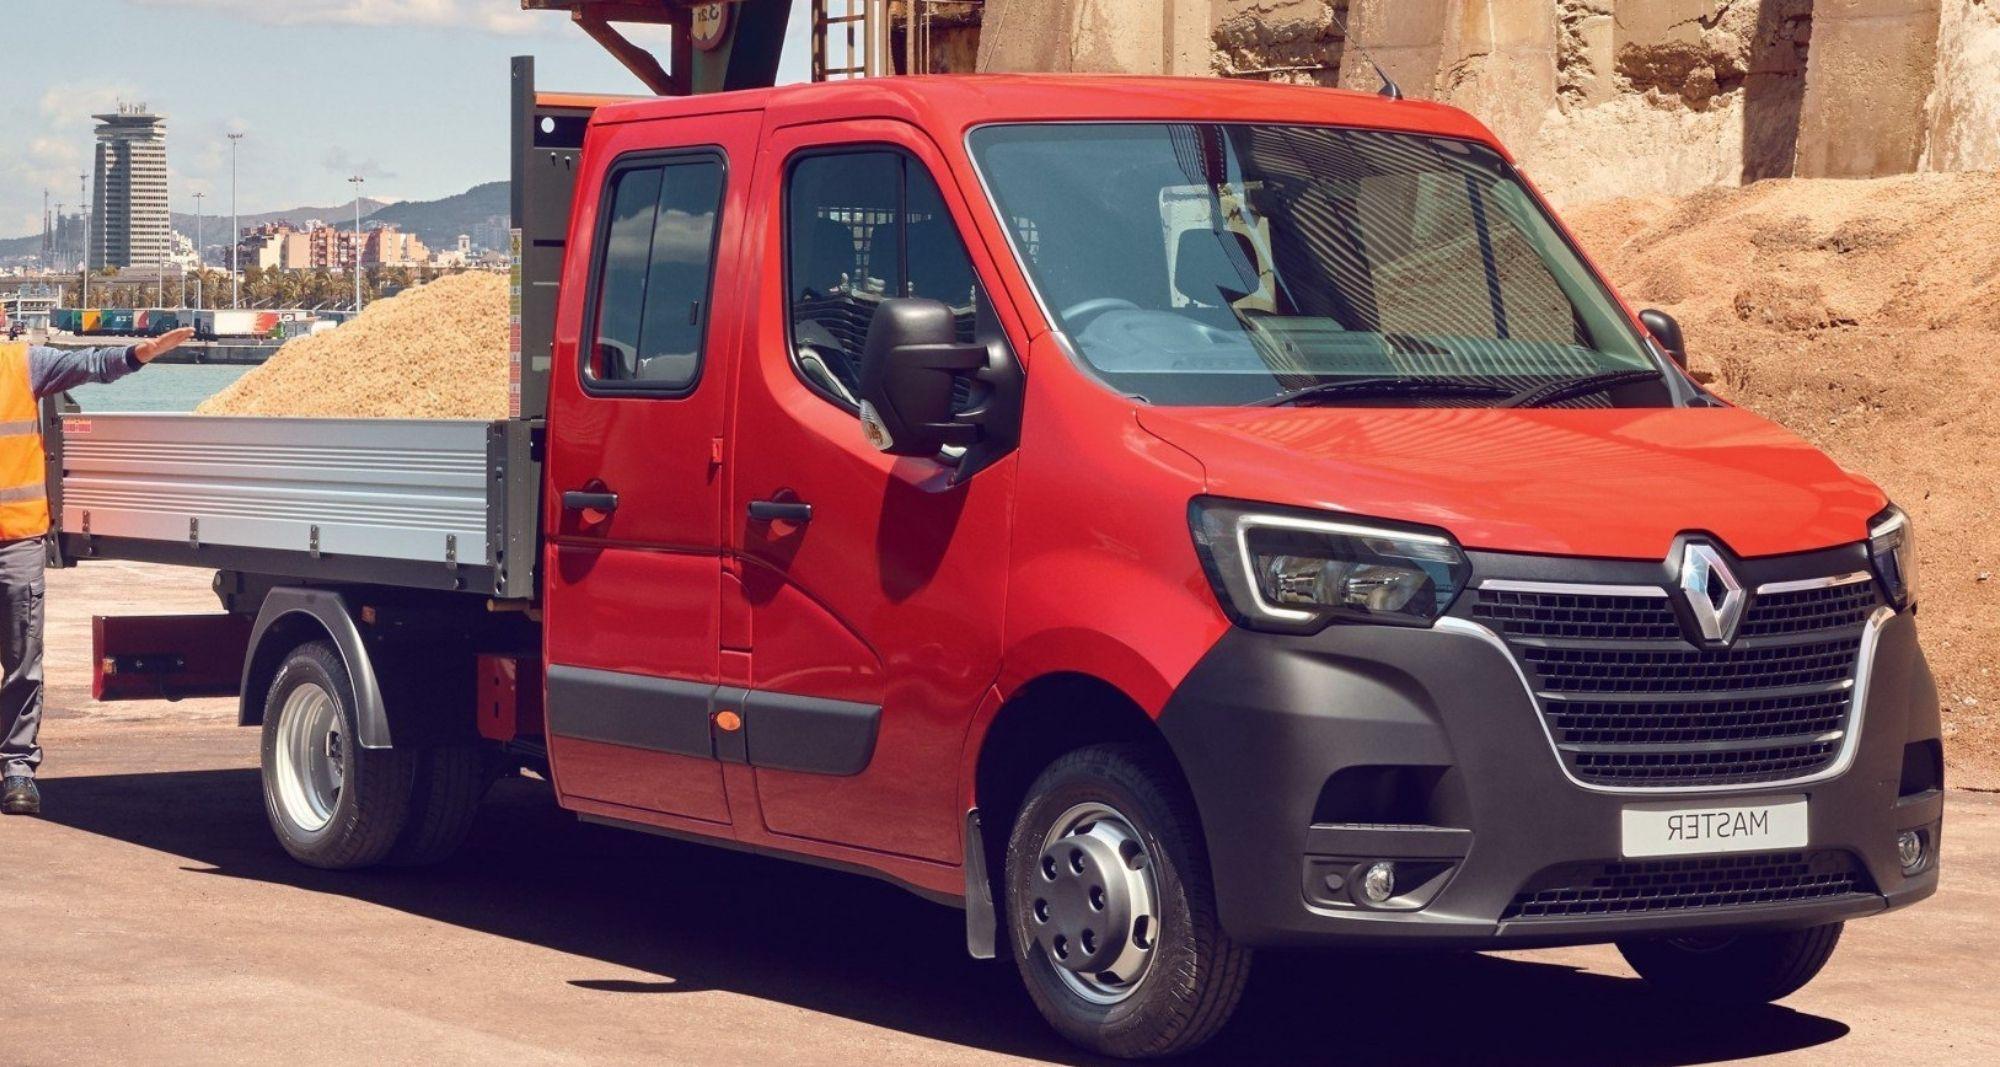 5 conseils de pro pour l'aménagement d'un camion utilitaire